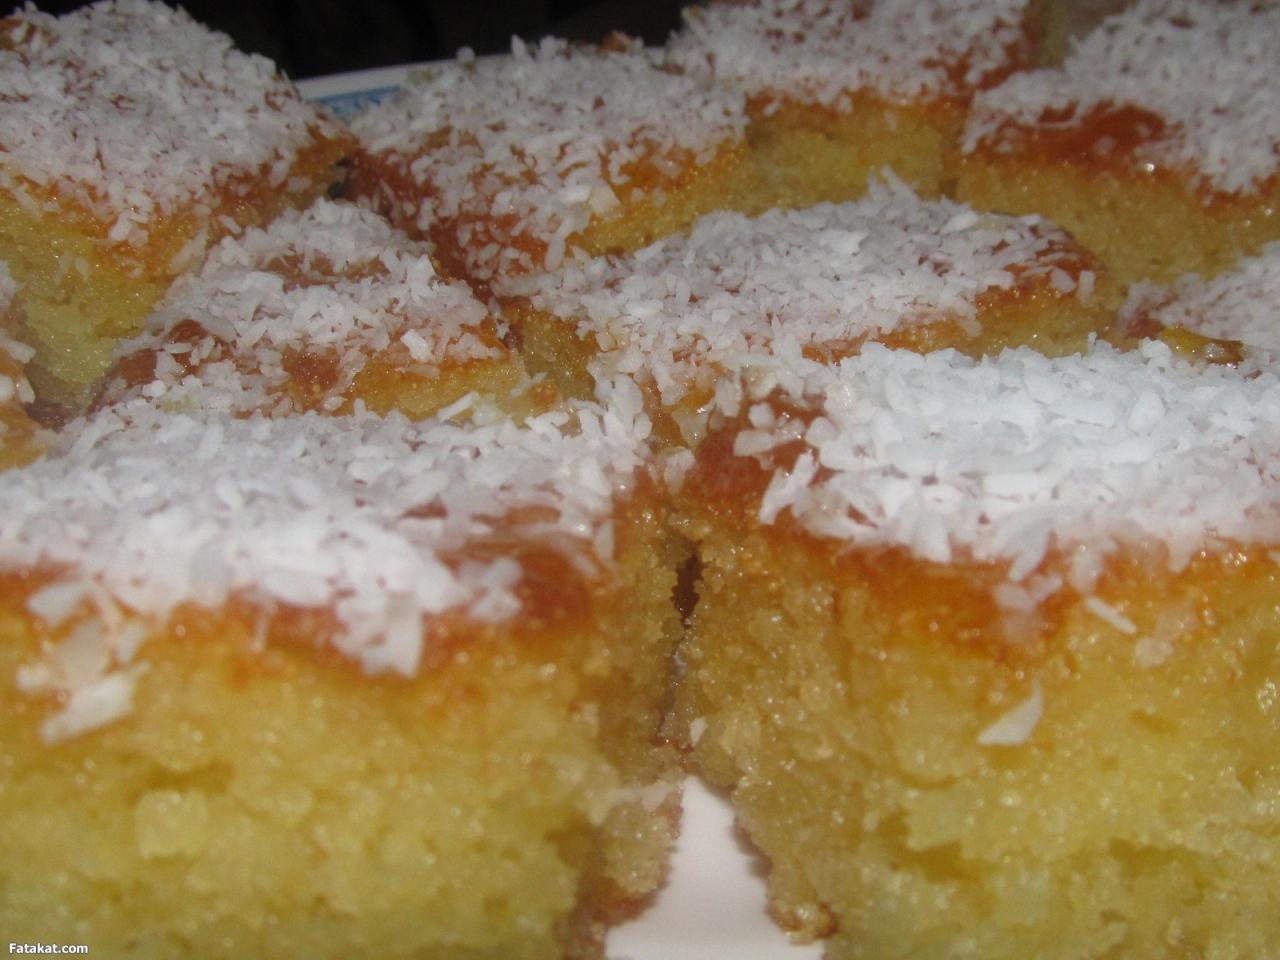 صوره كيكة البسبوسة سهلة , طريقة تحضير الكيكة بالبسبوسة